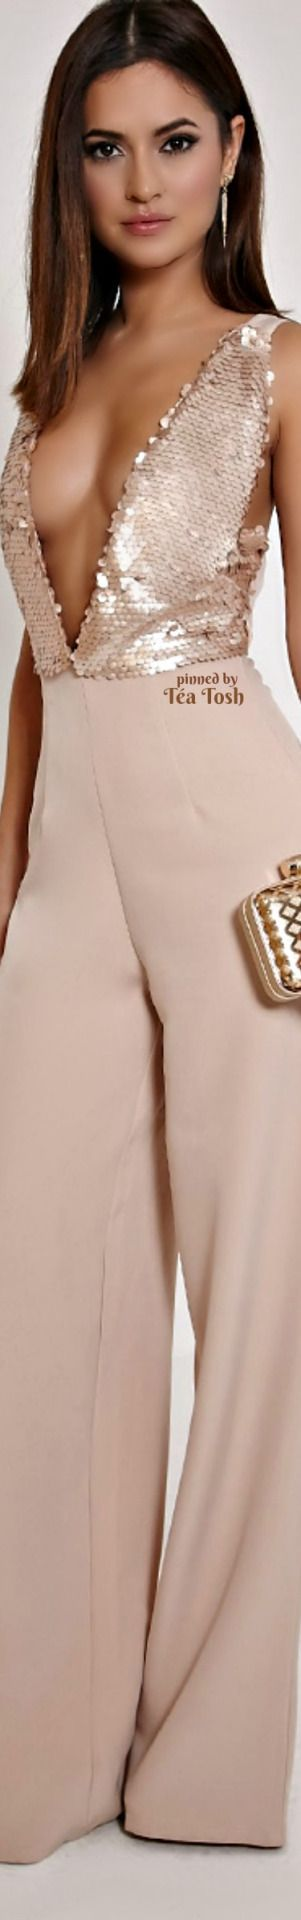 ❇Téa Tosh❇ Rose Gold Sequin Jumpsuit